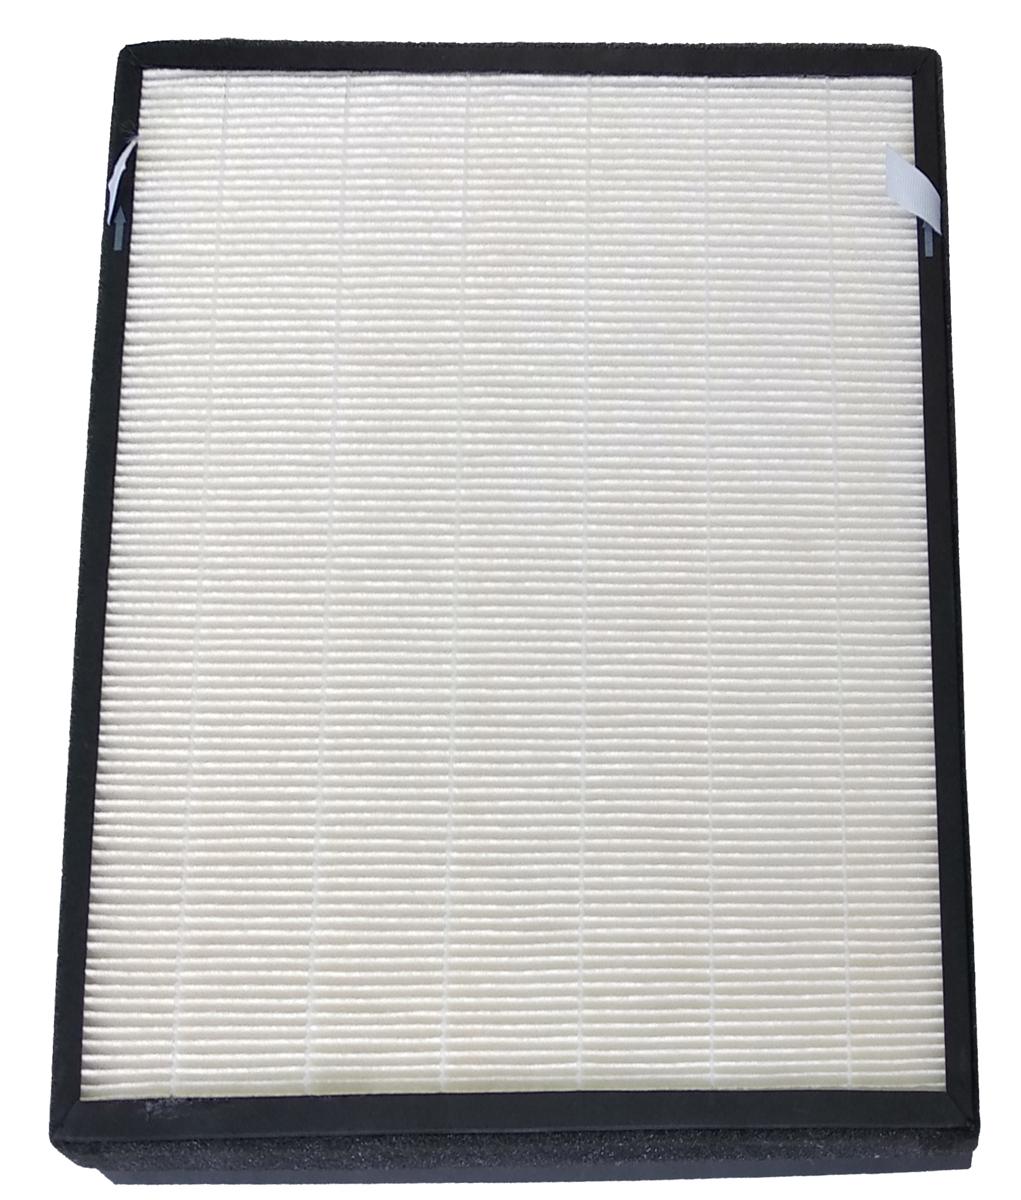 все цены на AIC фильтр для очистителя воздуха AIC XJ-4000 онлайн